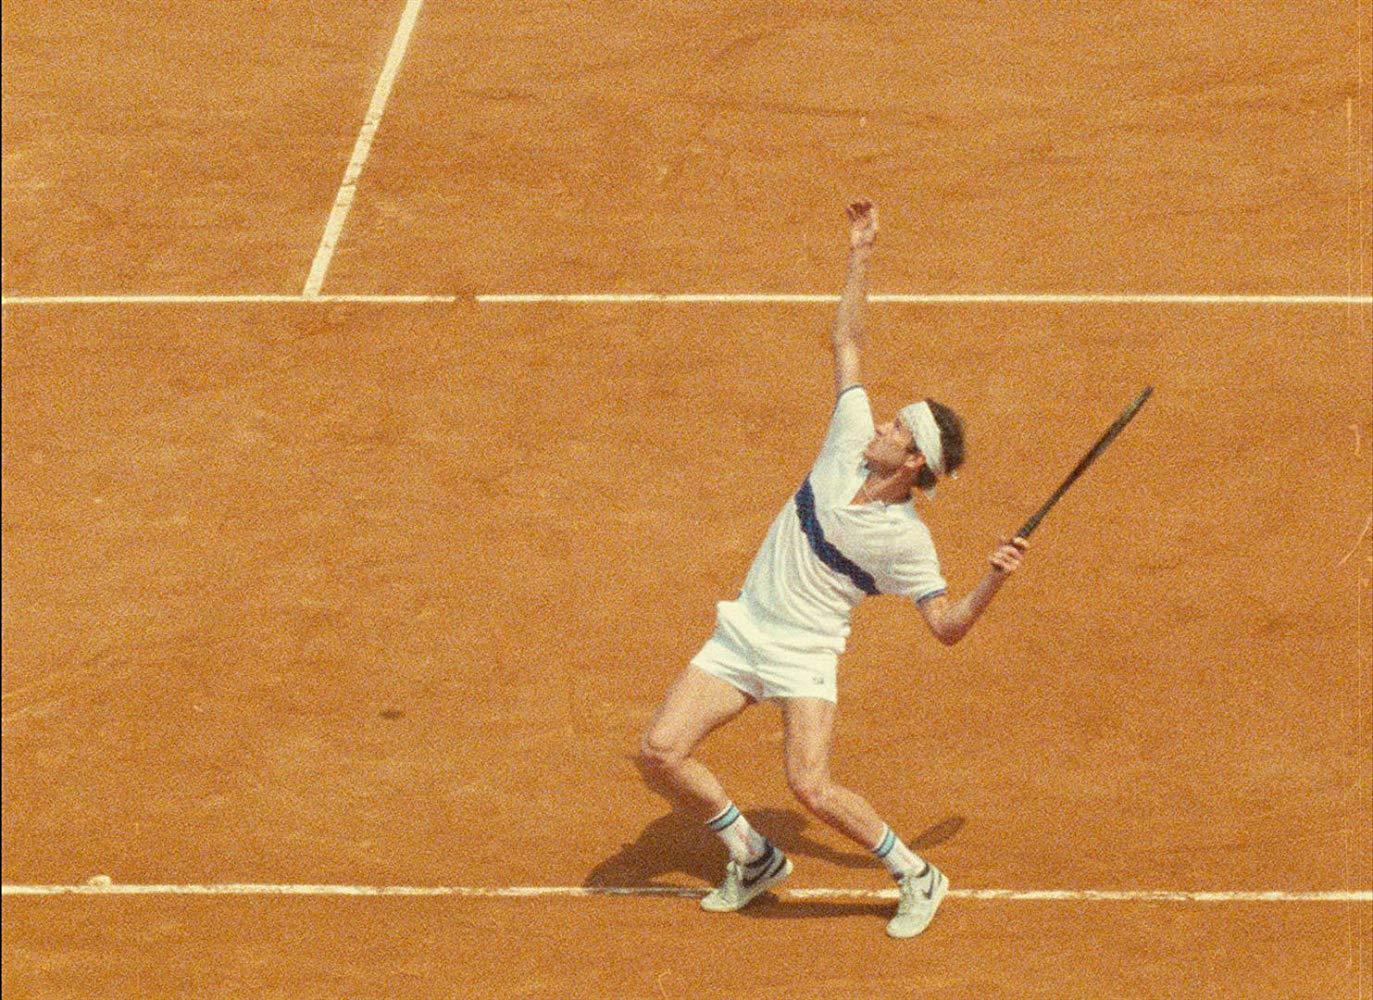 John McEnroe - L'Impero della Perfezione: McEnroe durante un incontro di tennis